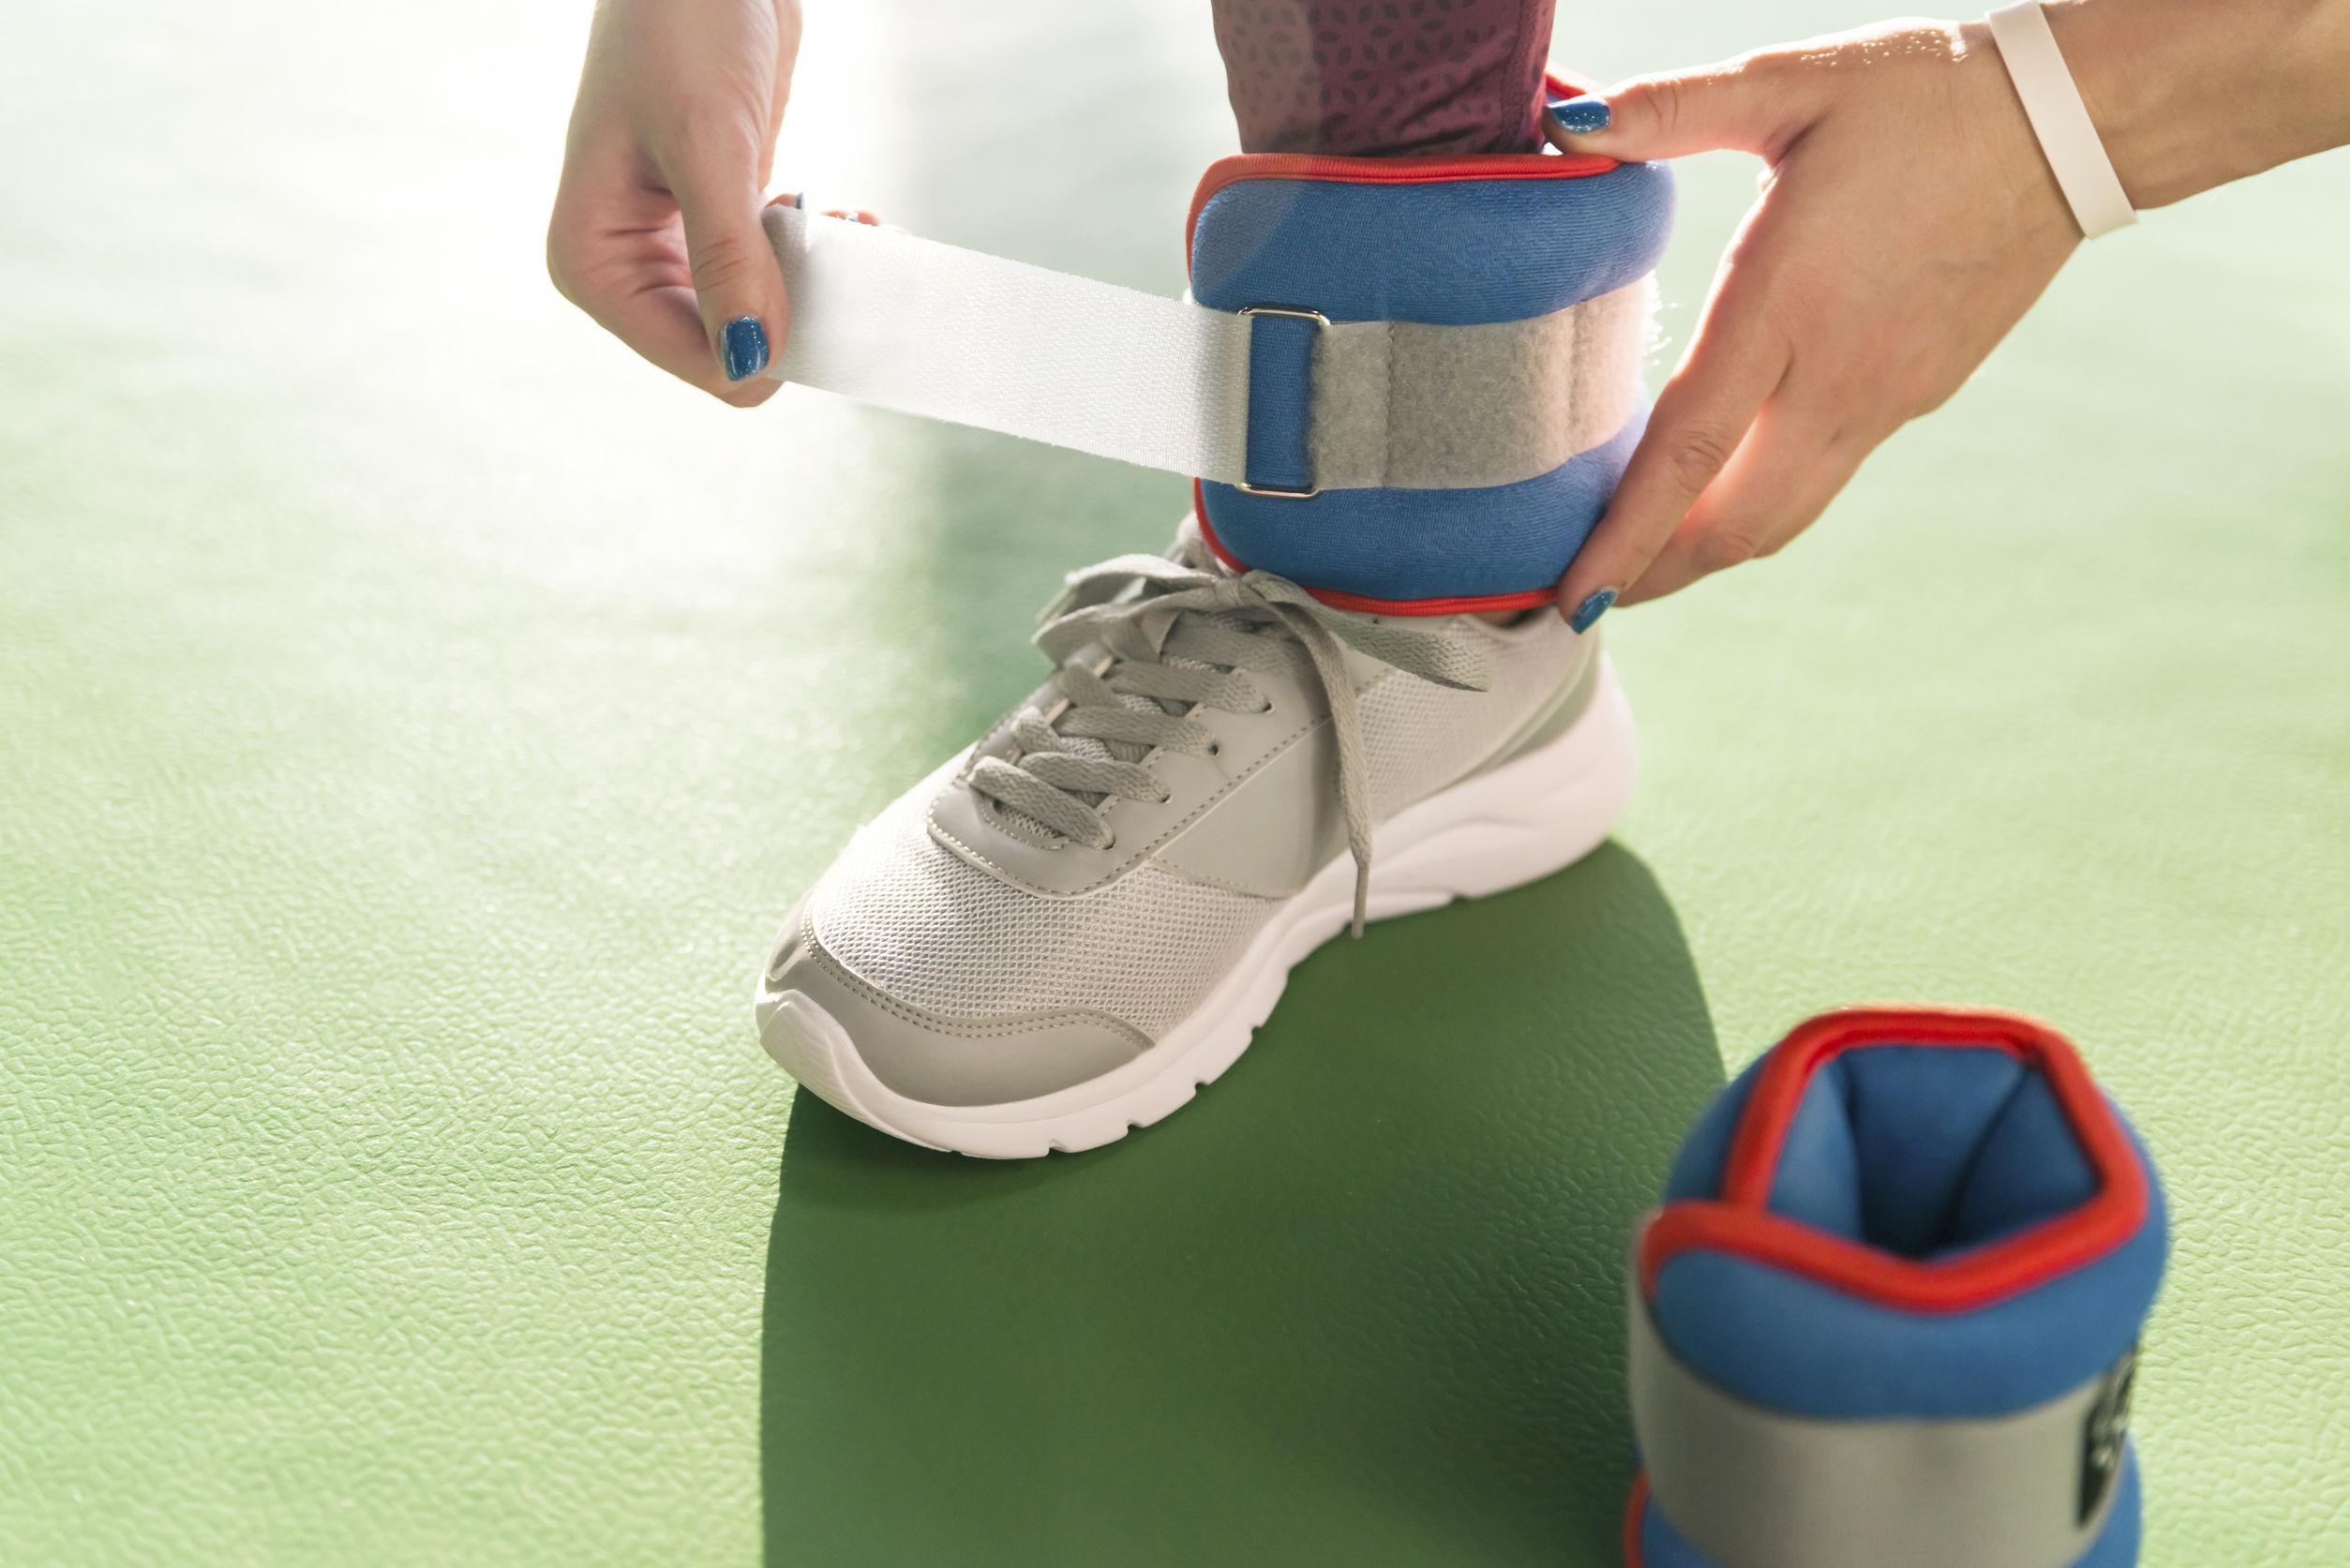 Mujer poniéndose pesas en los tobillos antes de comenzar un entrenamiento en un gimnasio